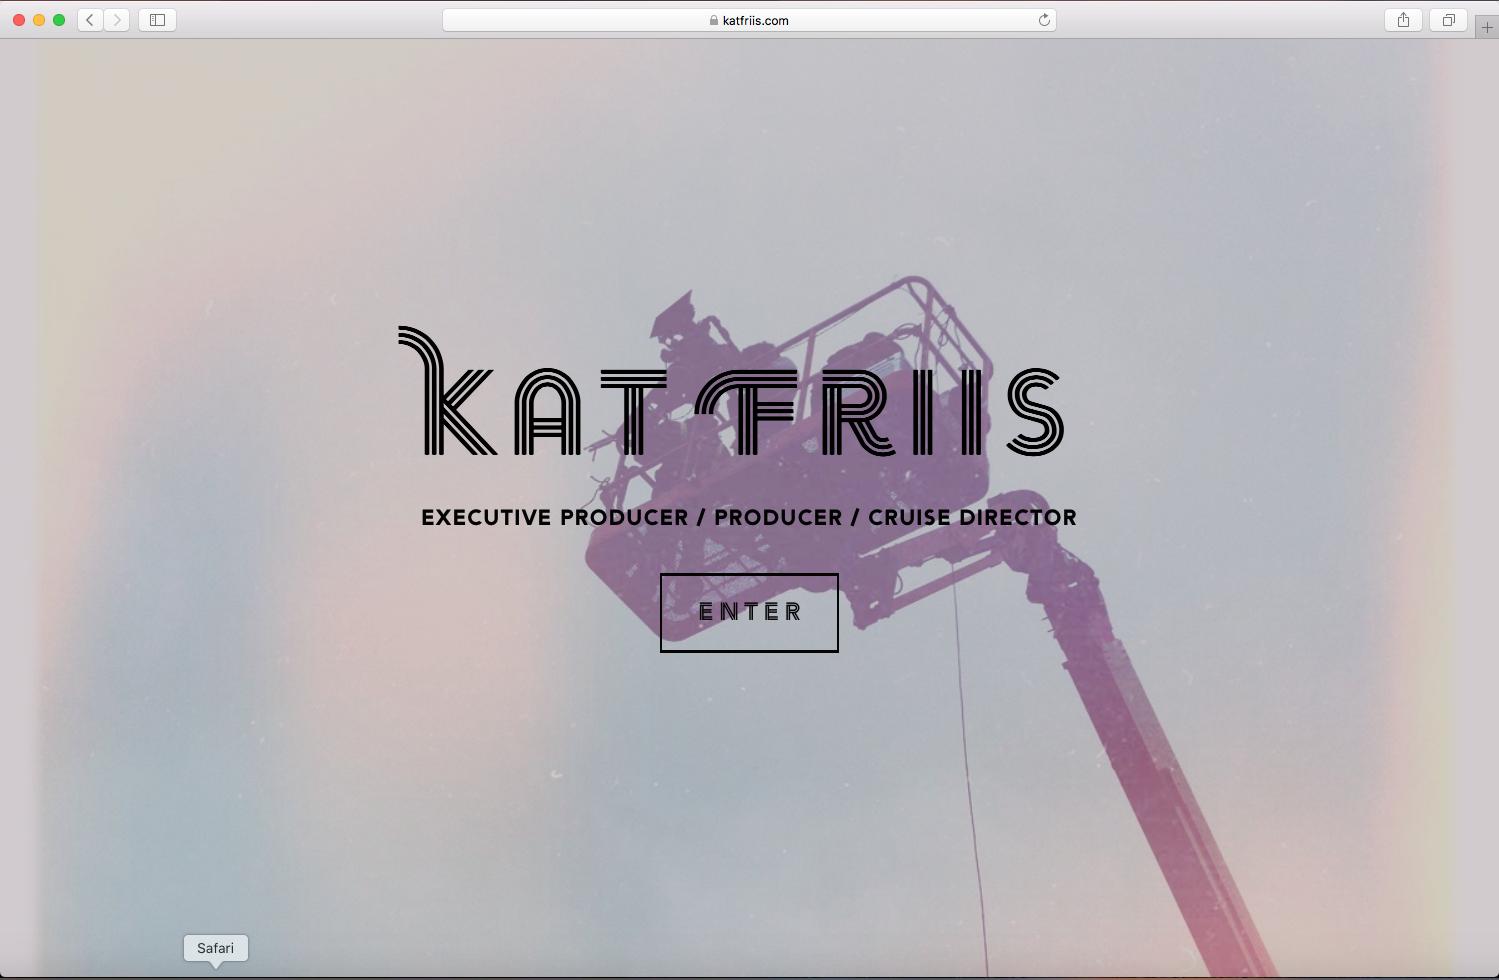 KatFriis.com